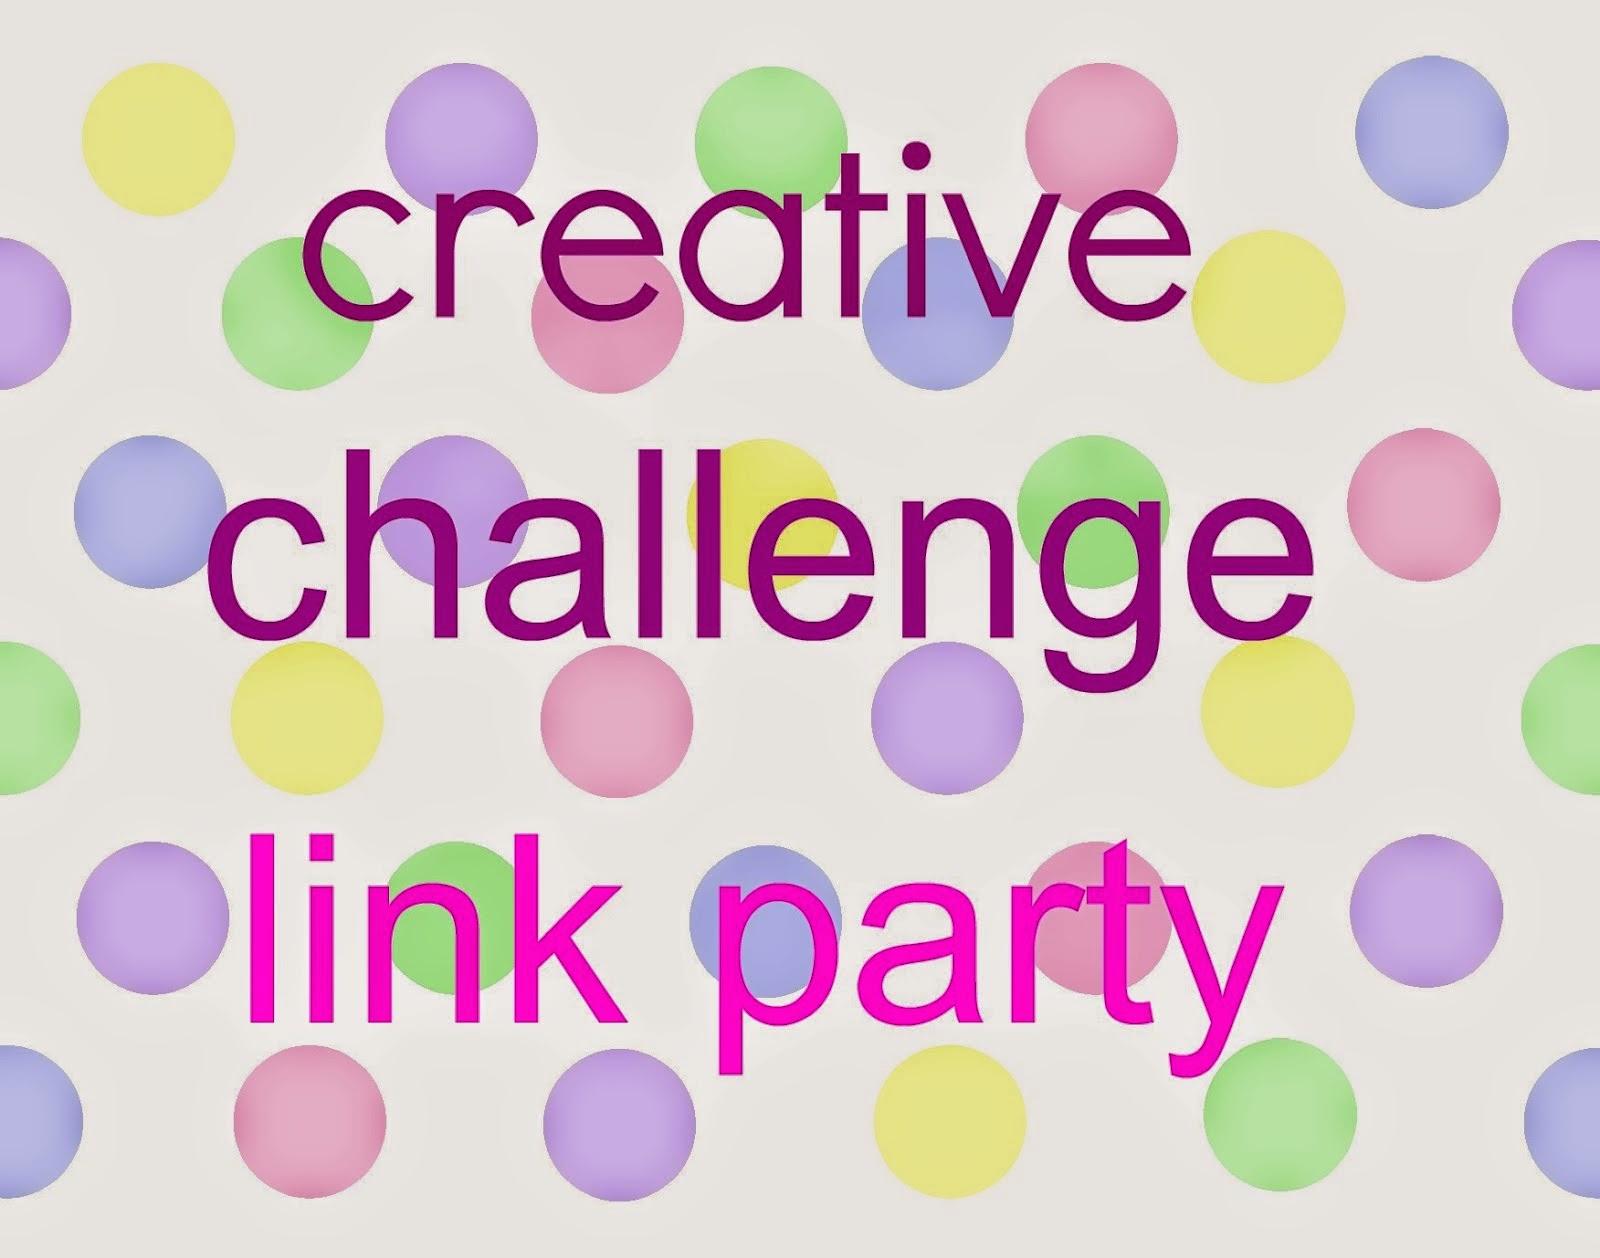 http://4.bp.blogspot.com/-T6UA0e0D8_I/VELWxQo5BJI/AAAAAAAAFc8/rA2uIsi-dEE/s1600/creative%2Bchallenge%2Blink%2Bparty.jpg